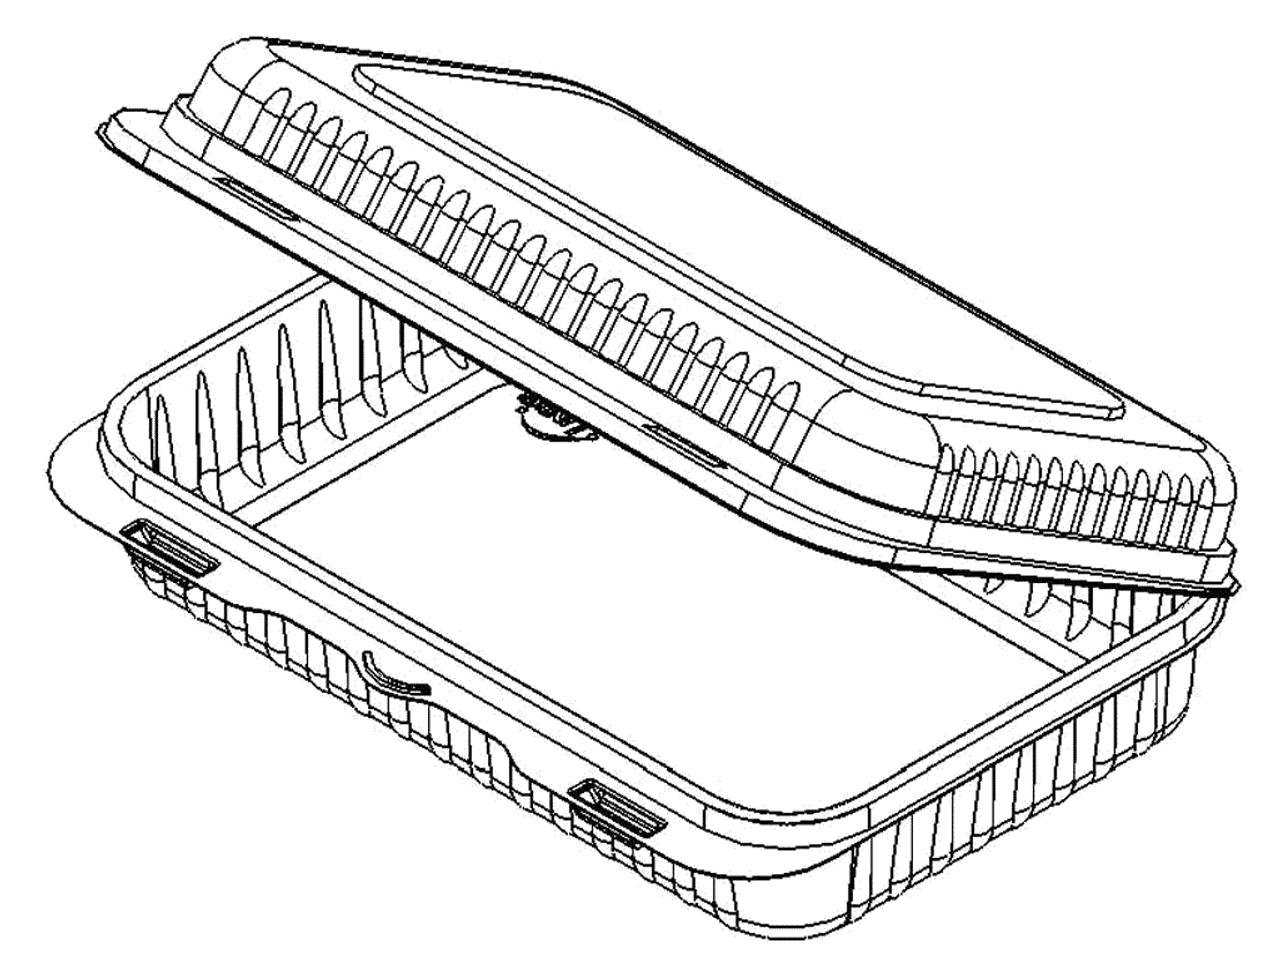 Hinged Rectangular Multi-Purpose Container